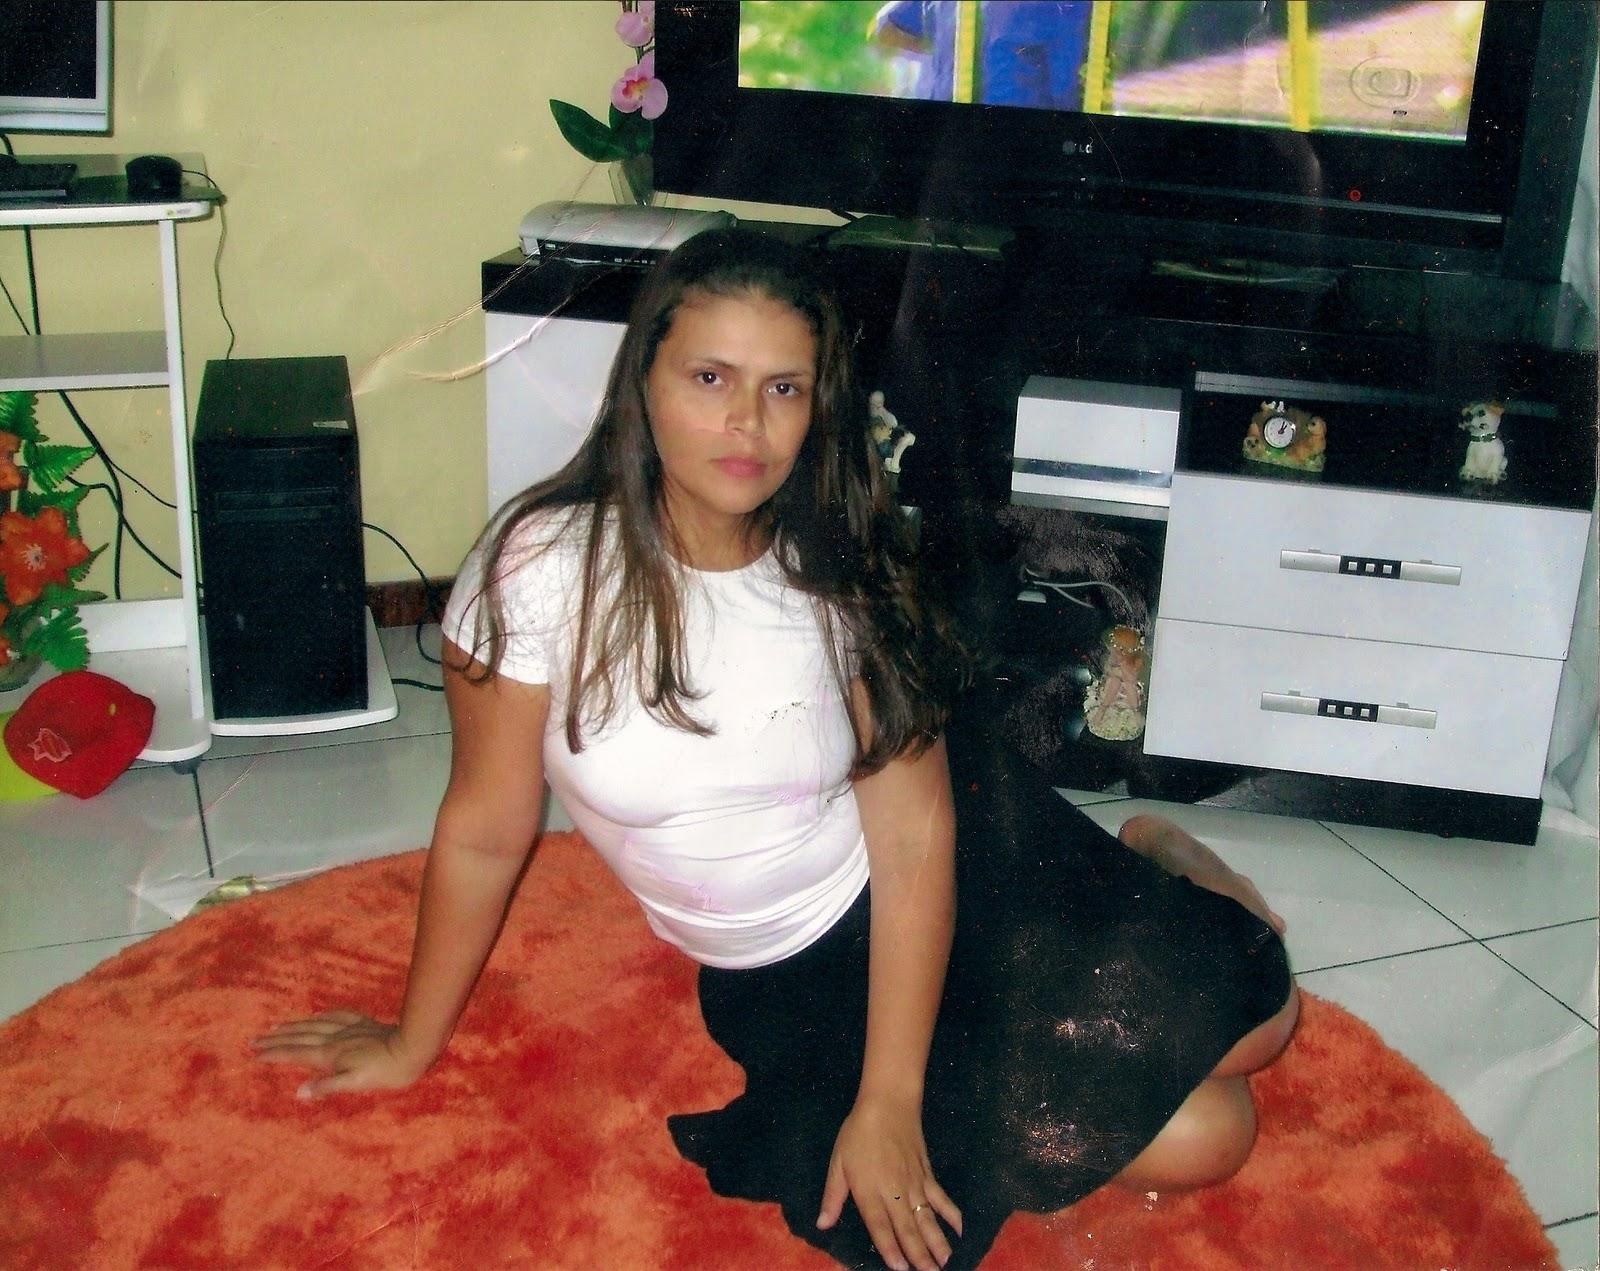 http://3.bp.blogspot.com/_YjEjciAXIJQ/TRn-NFTTtQI/AAAAAAAAAd8/LQo743iWjy8/s1600/catia.jpg